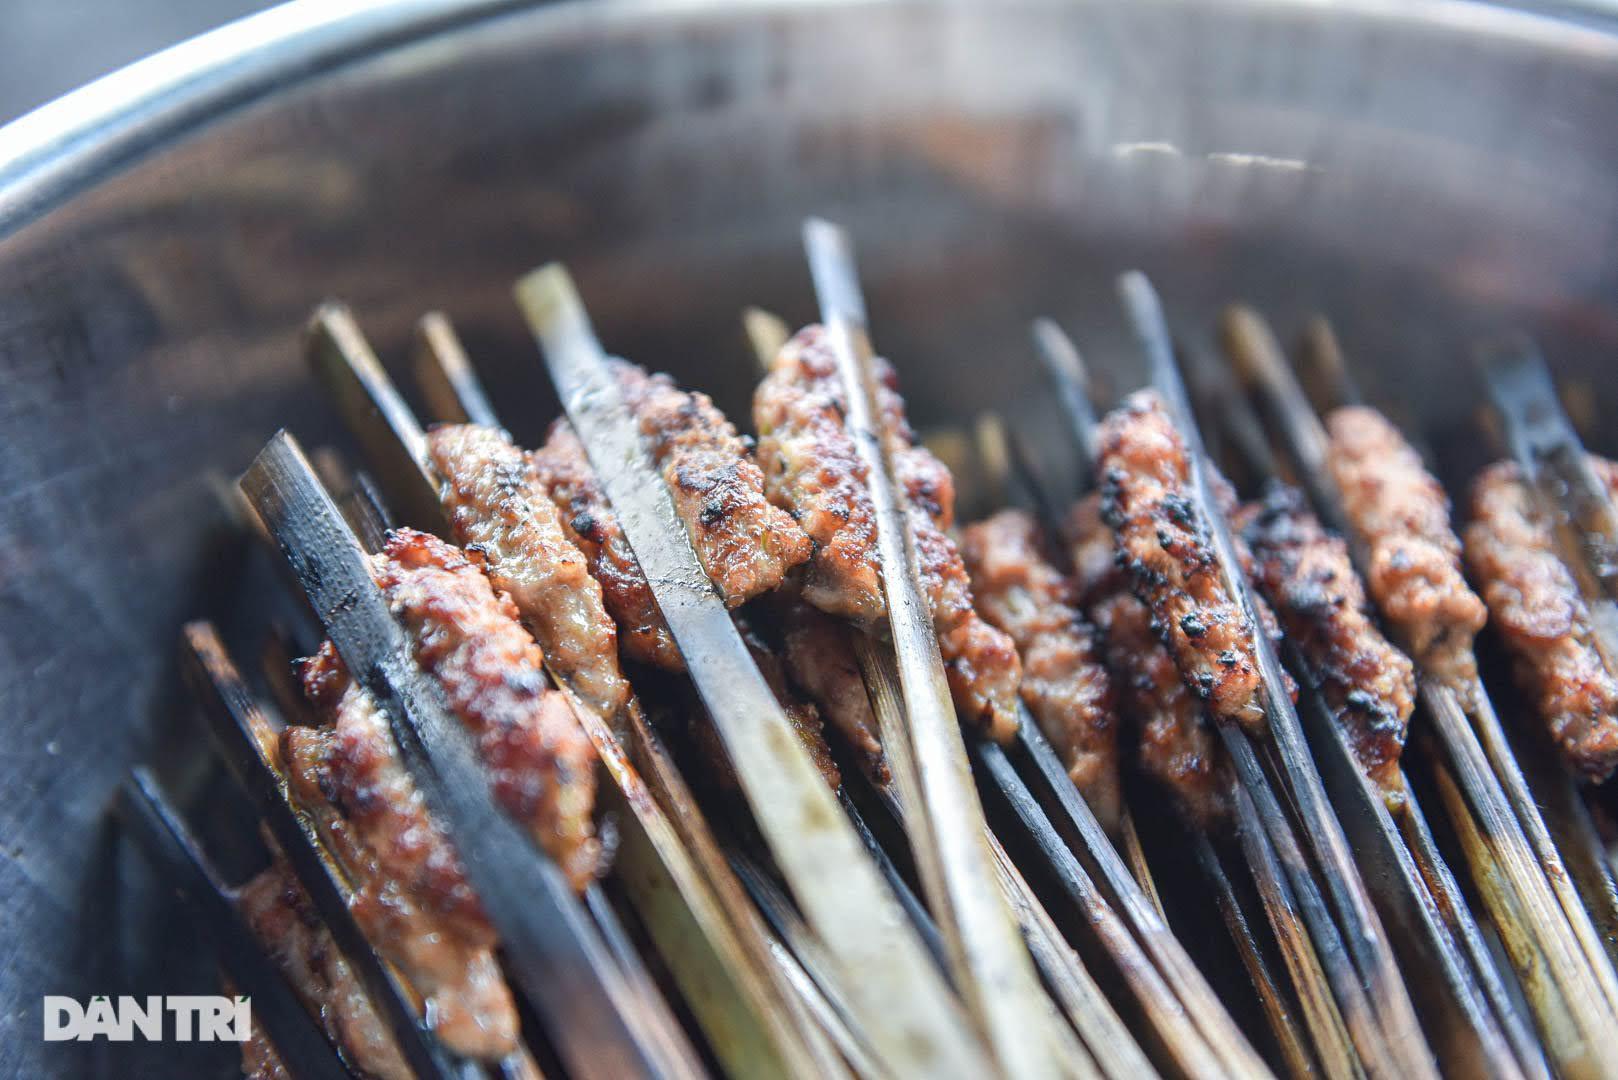 Hiếm có ở Hà Nội: Bún chả kẹp que tre nướng, ngày bán hàng trăm suất - Ảnh 4.